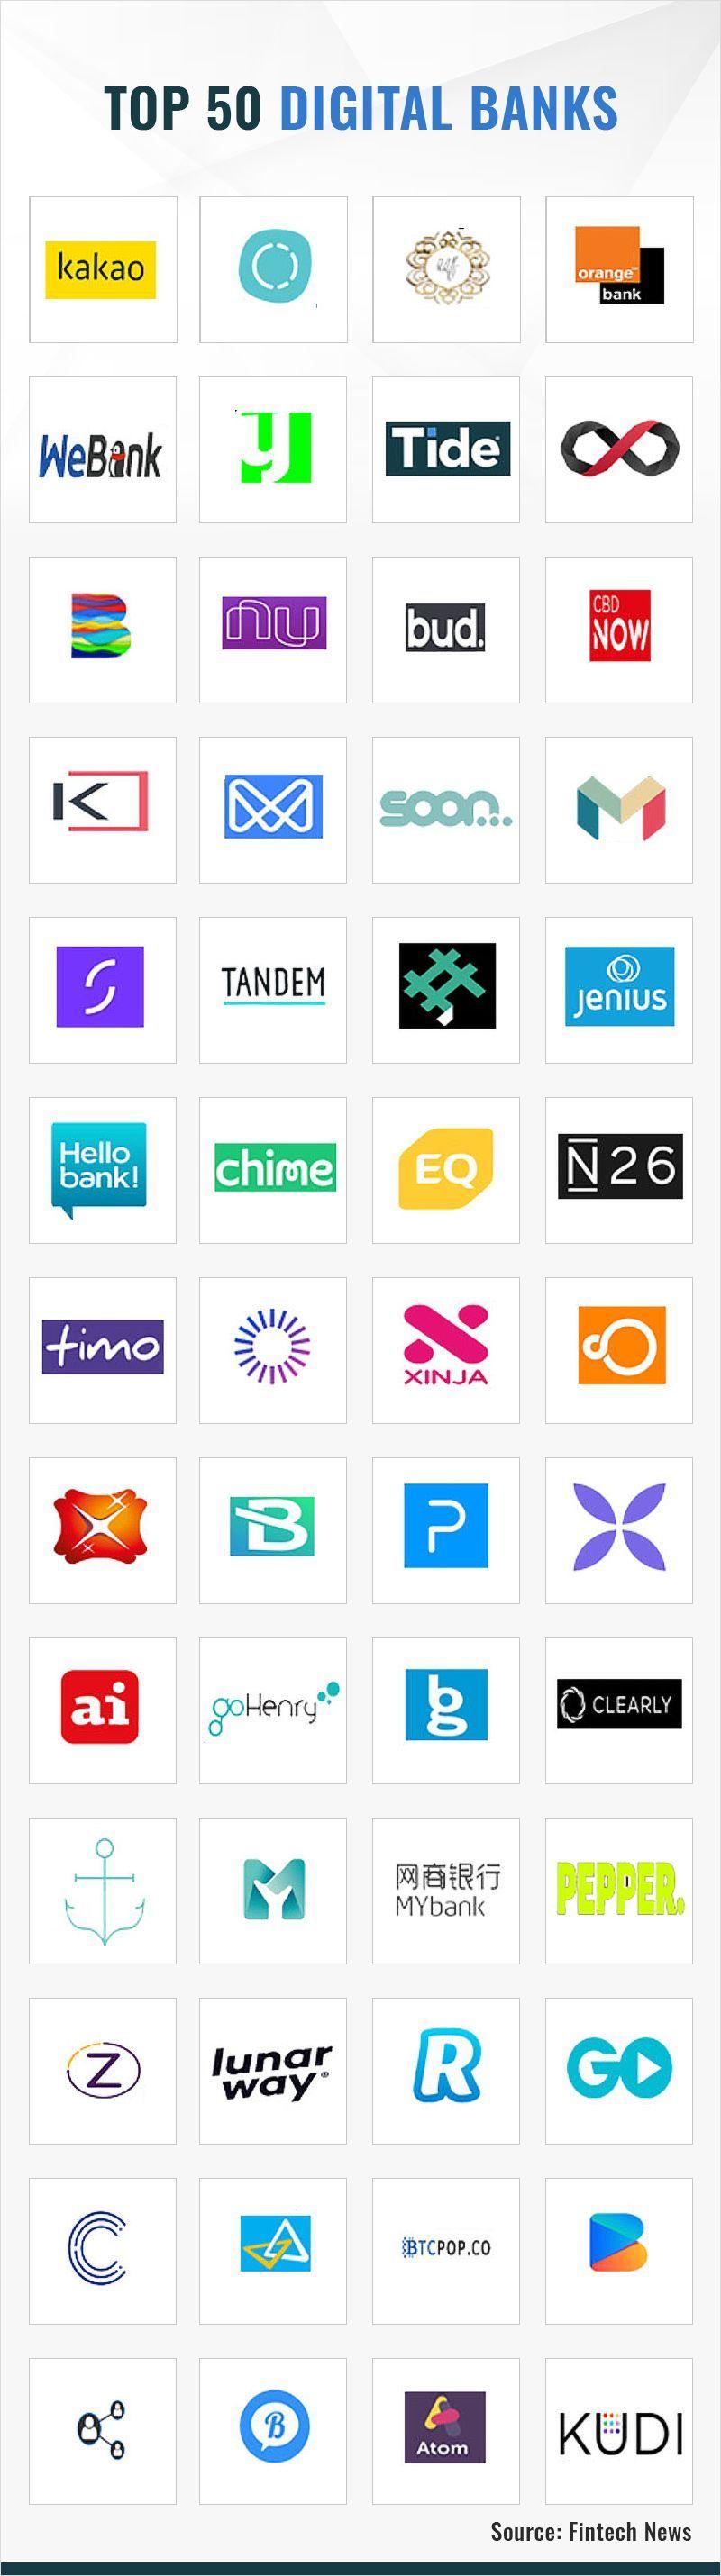 Top 50 digital banks